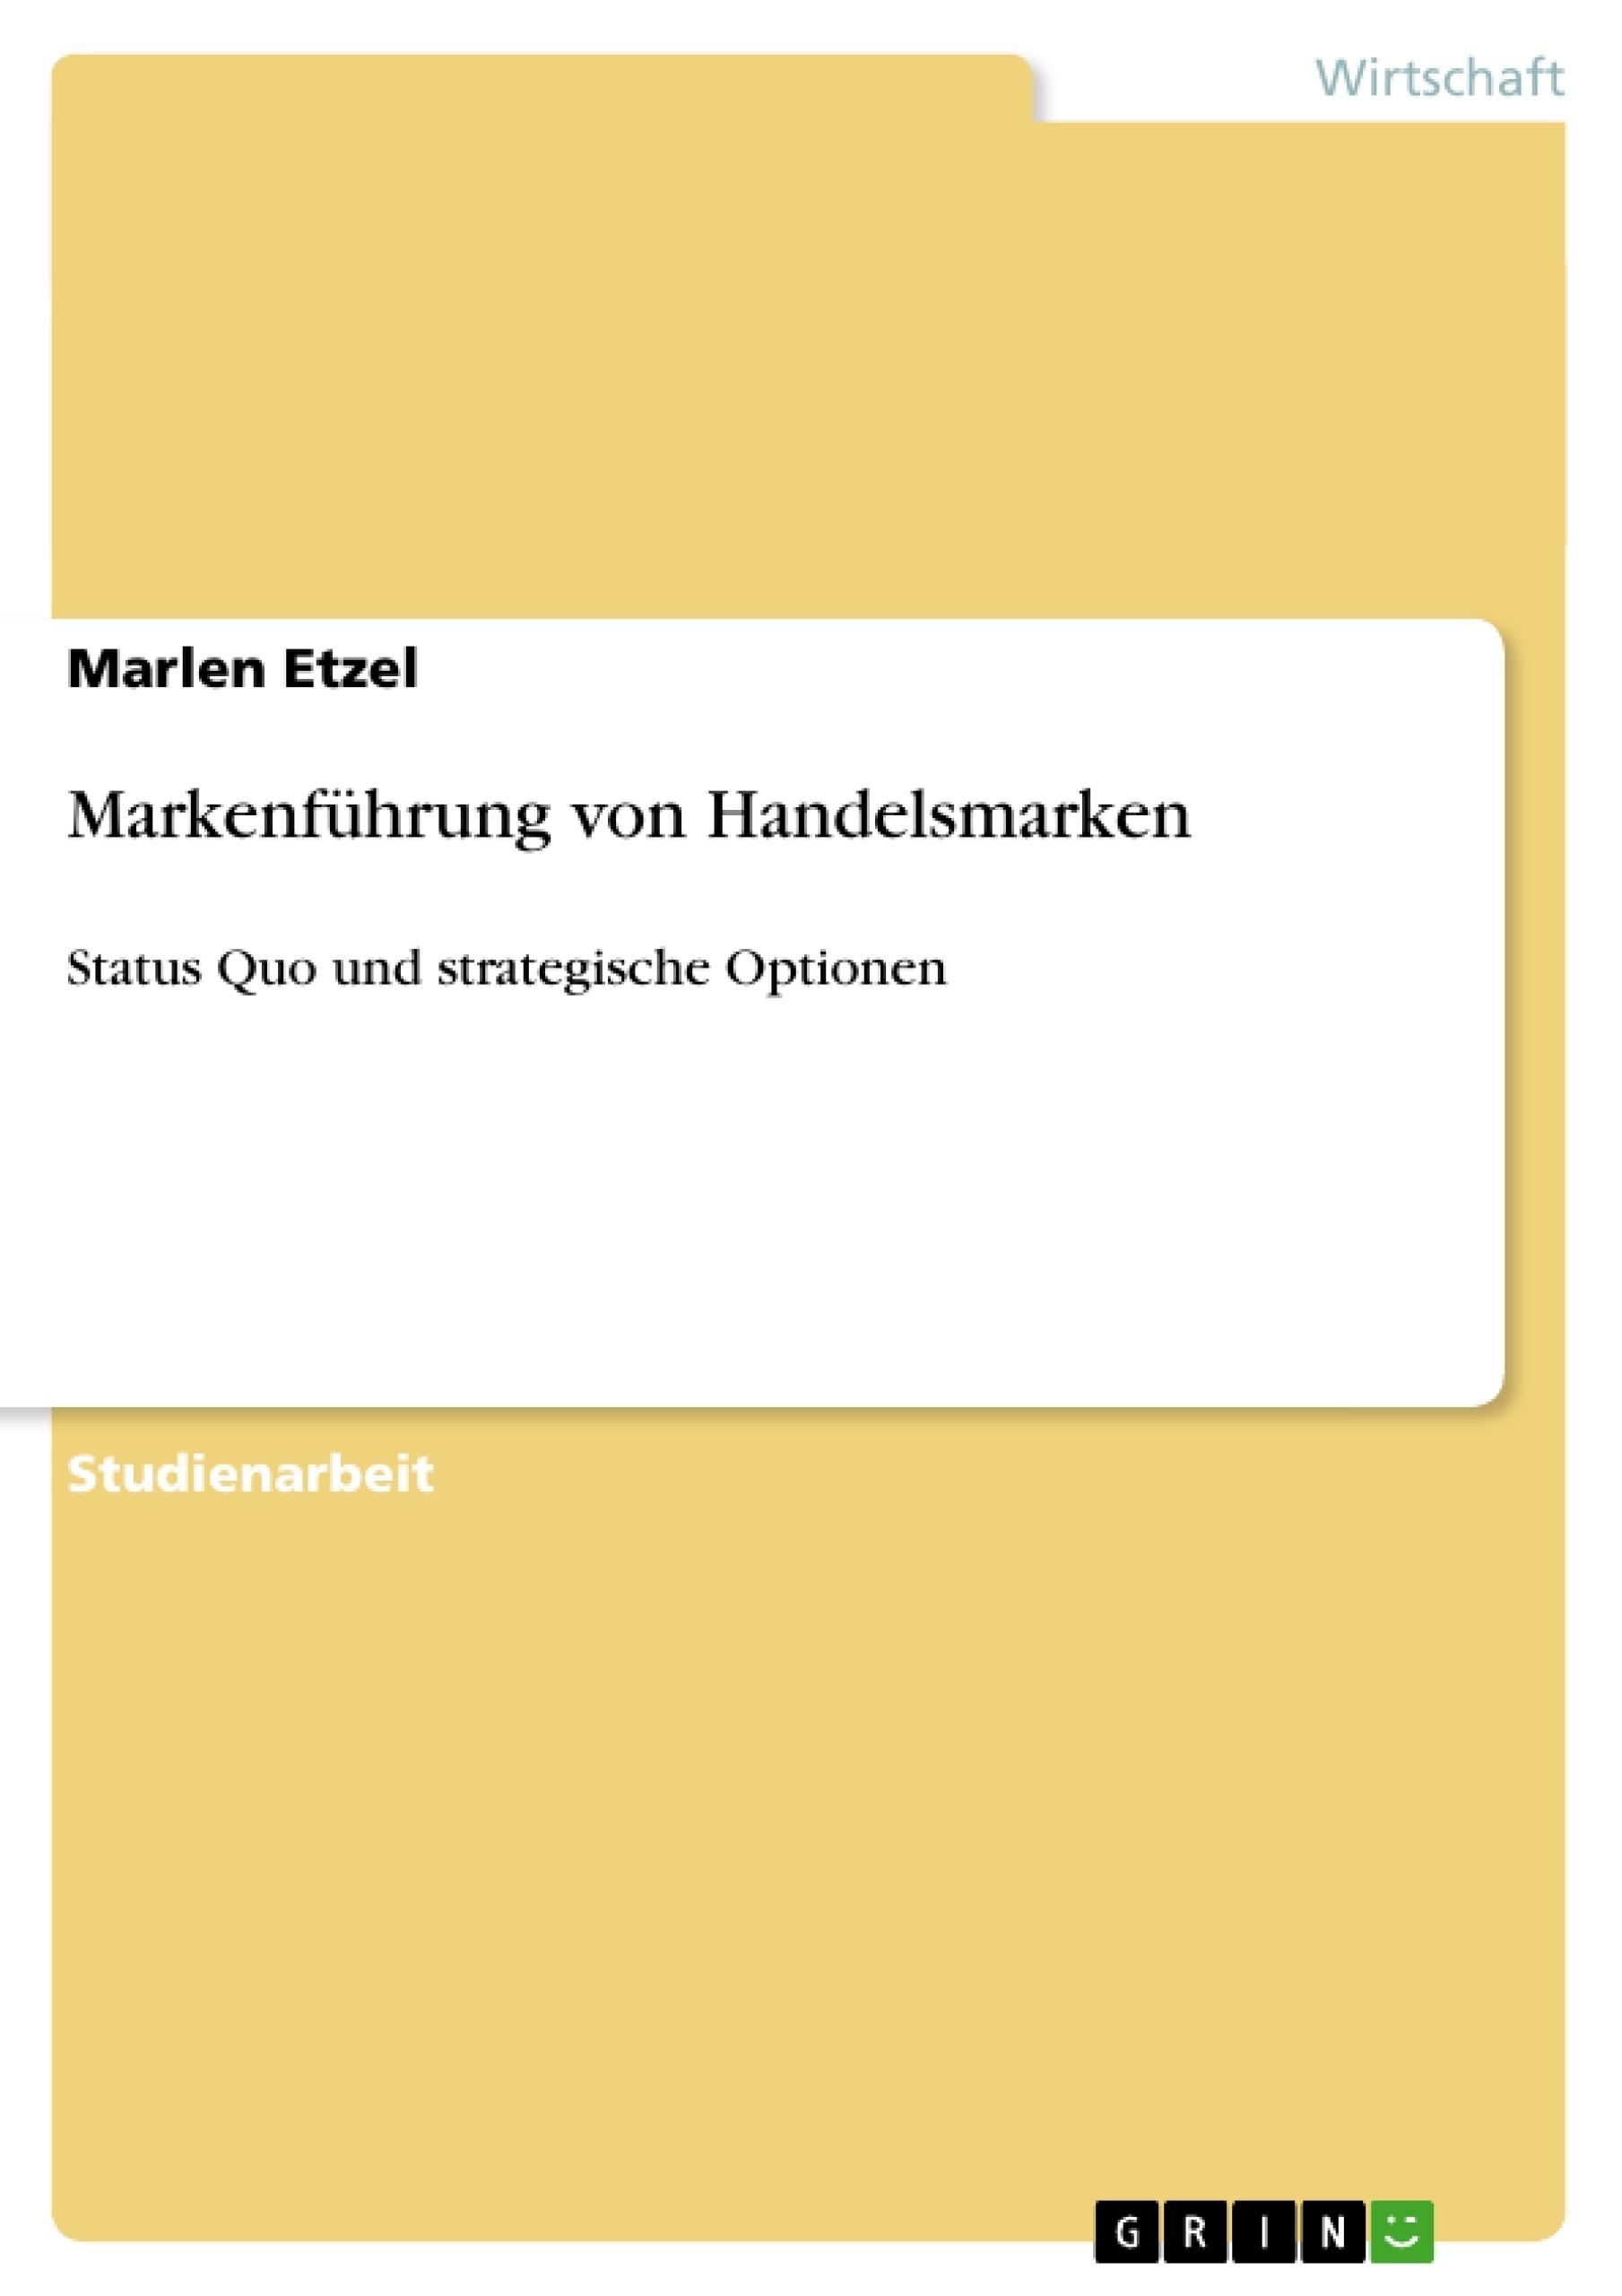 Titel: Markenführung von Handelsmarken